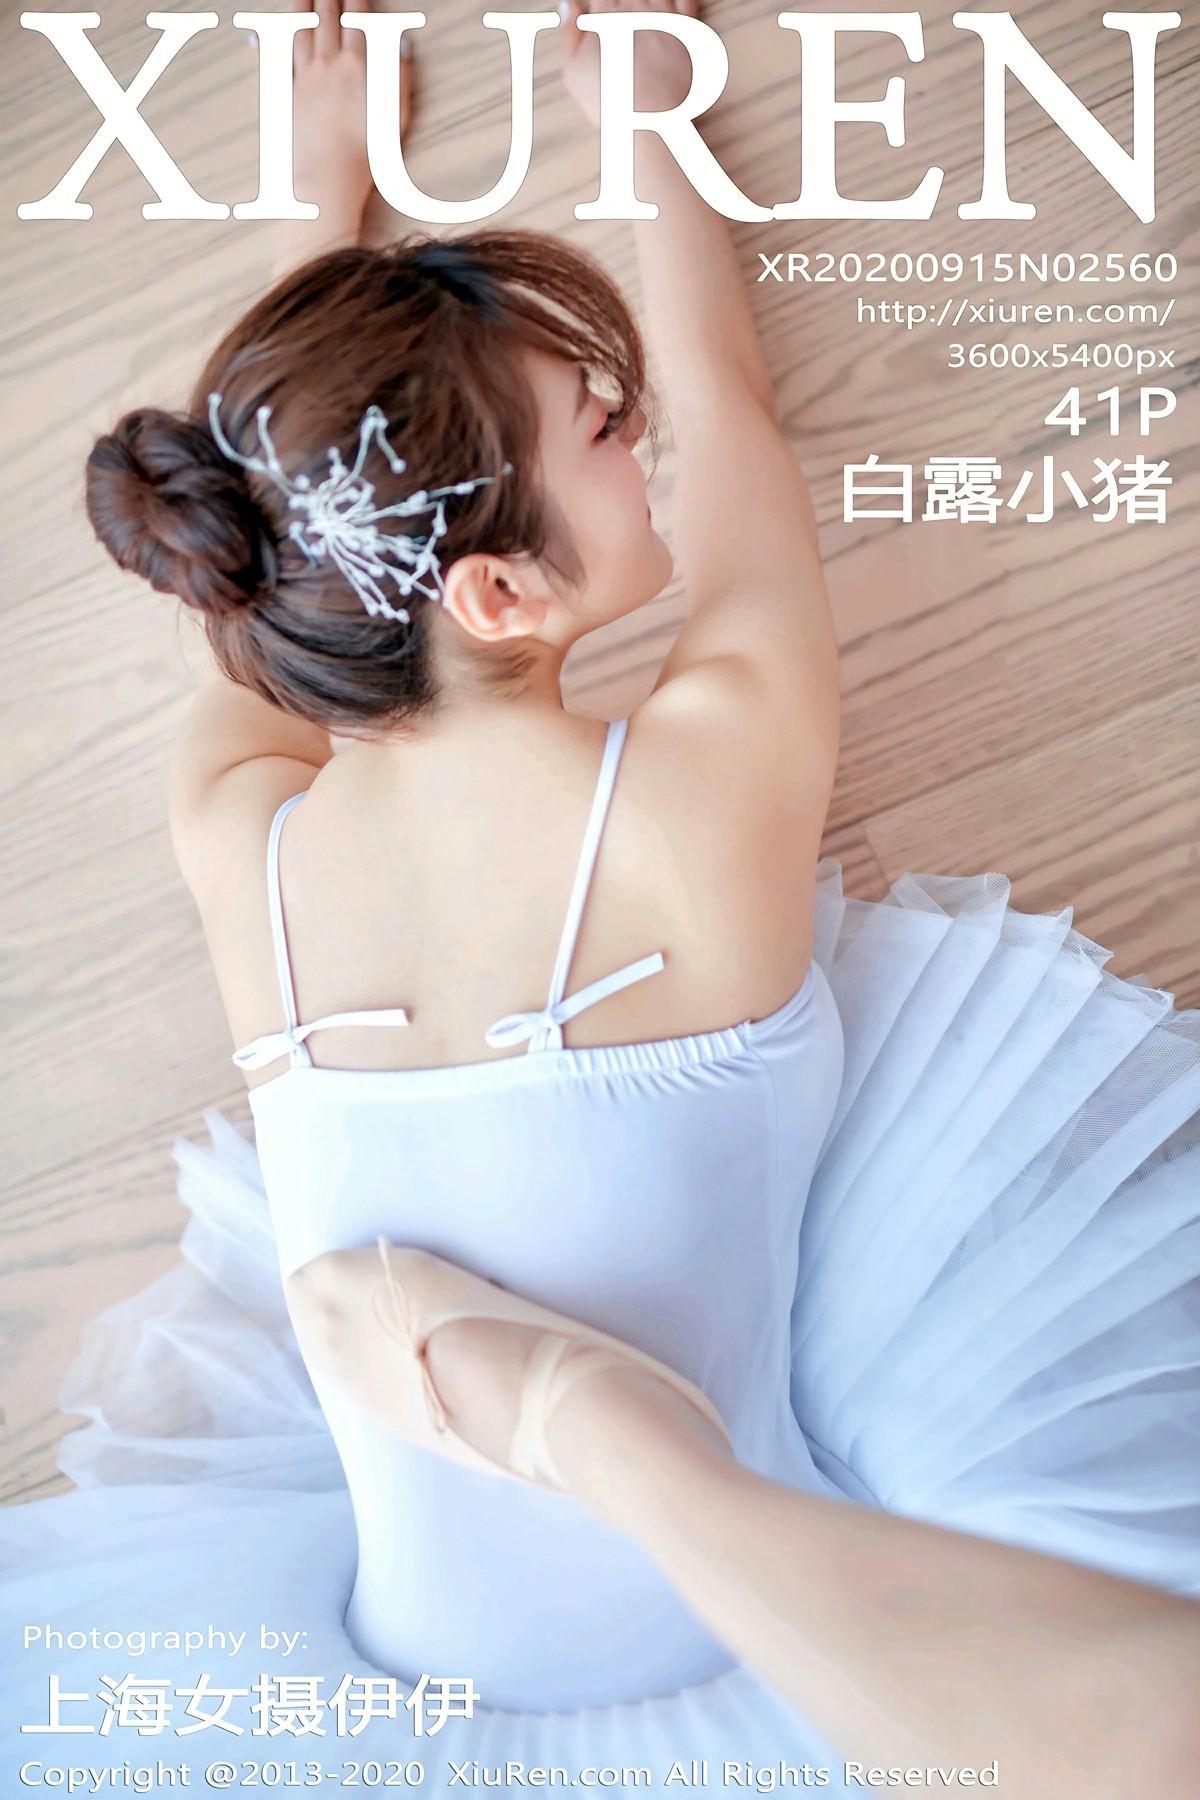 [XiuRen秀人网] 2020.09.15 No.2560 白露小猪 芭蕾练功房 第1张